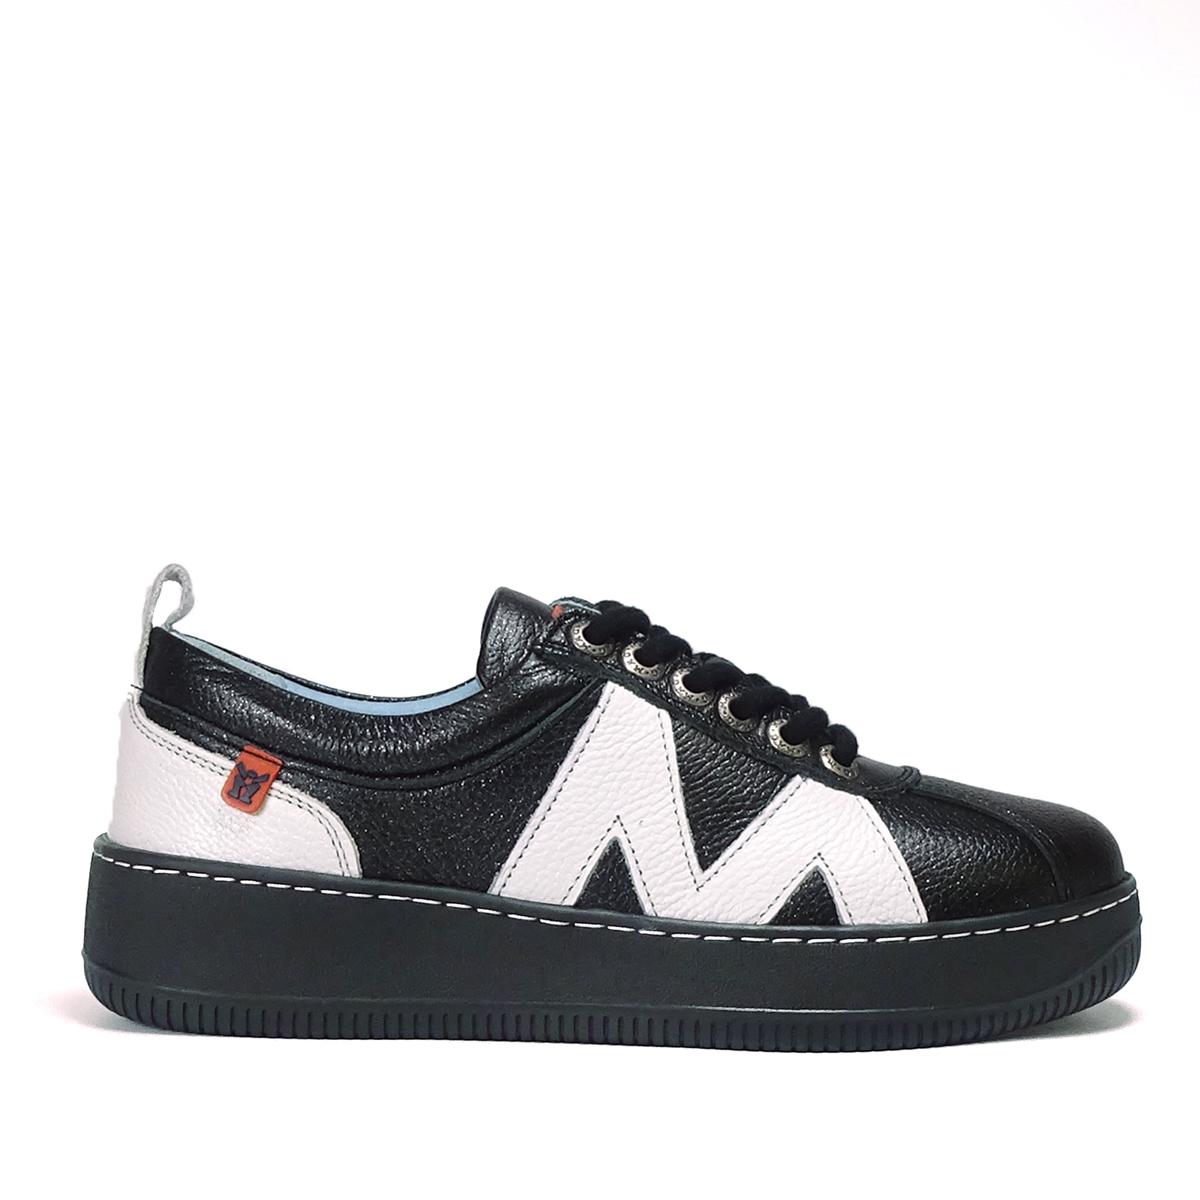 Sympasneaker 4213 Black Pearl